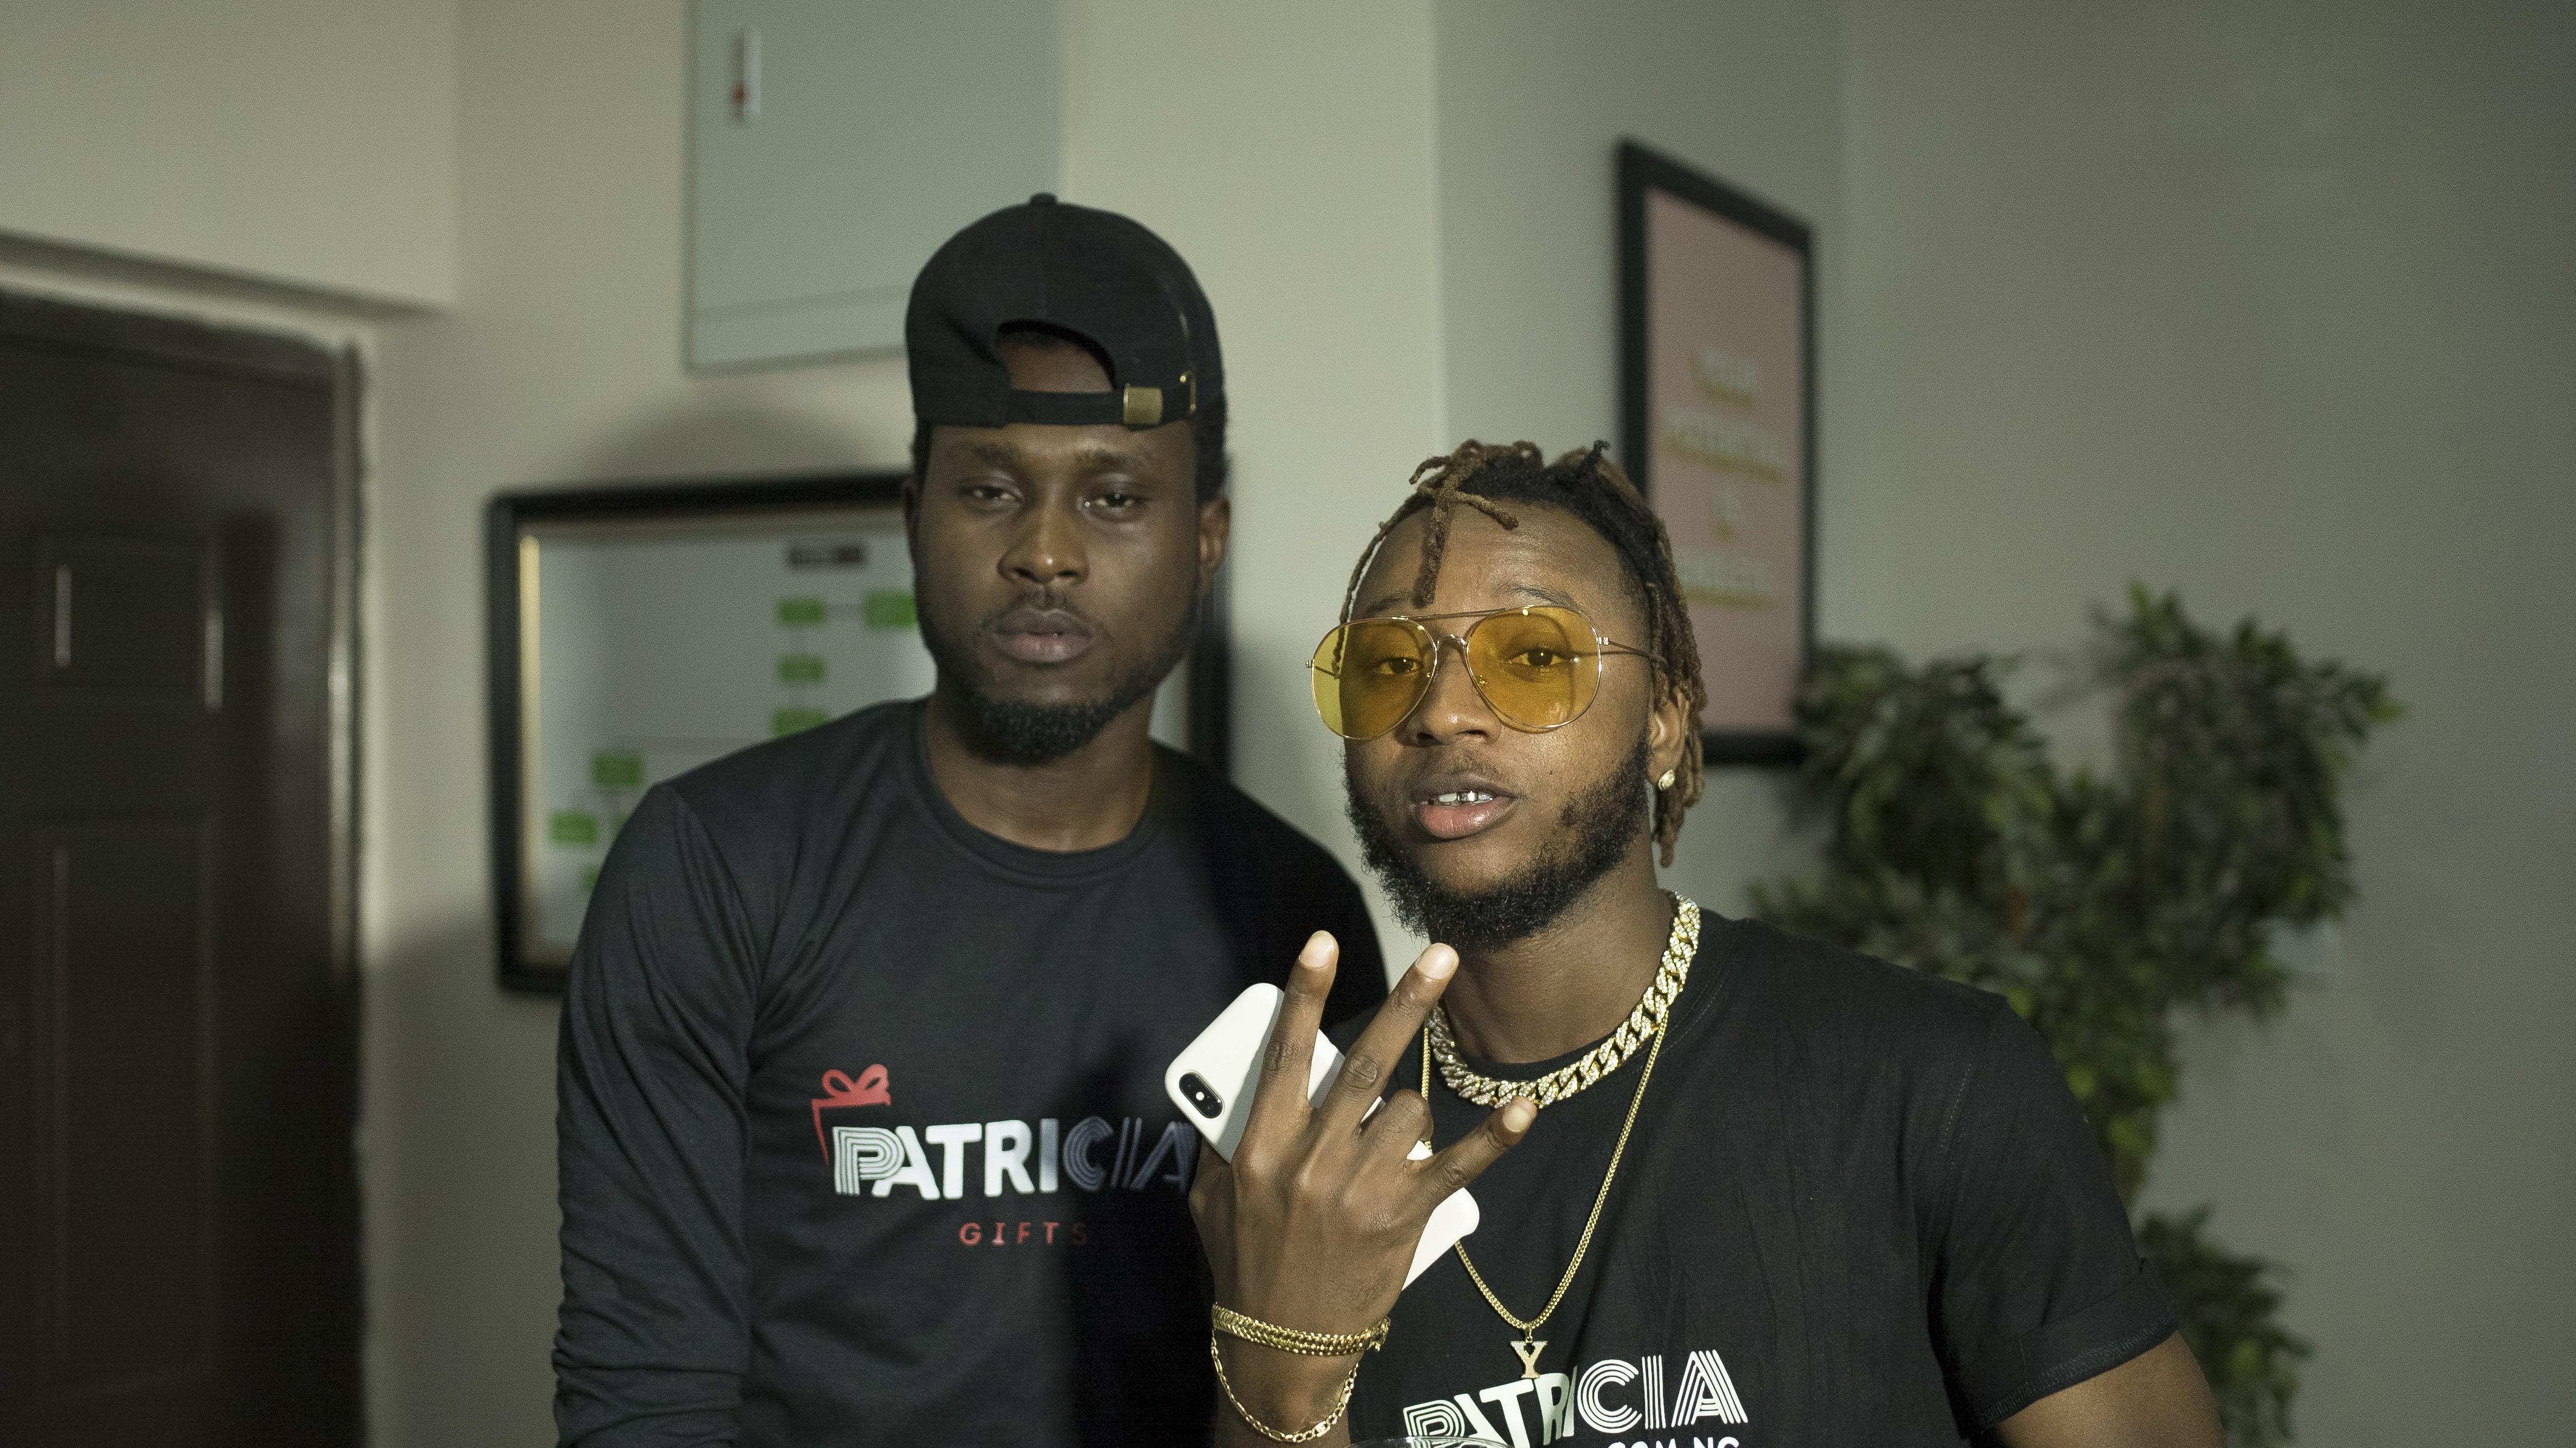 Rapper Yung6ix becomes Patricia